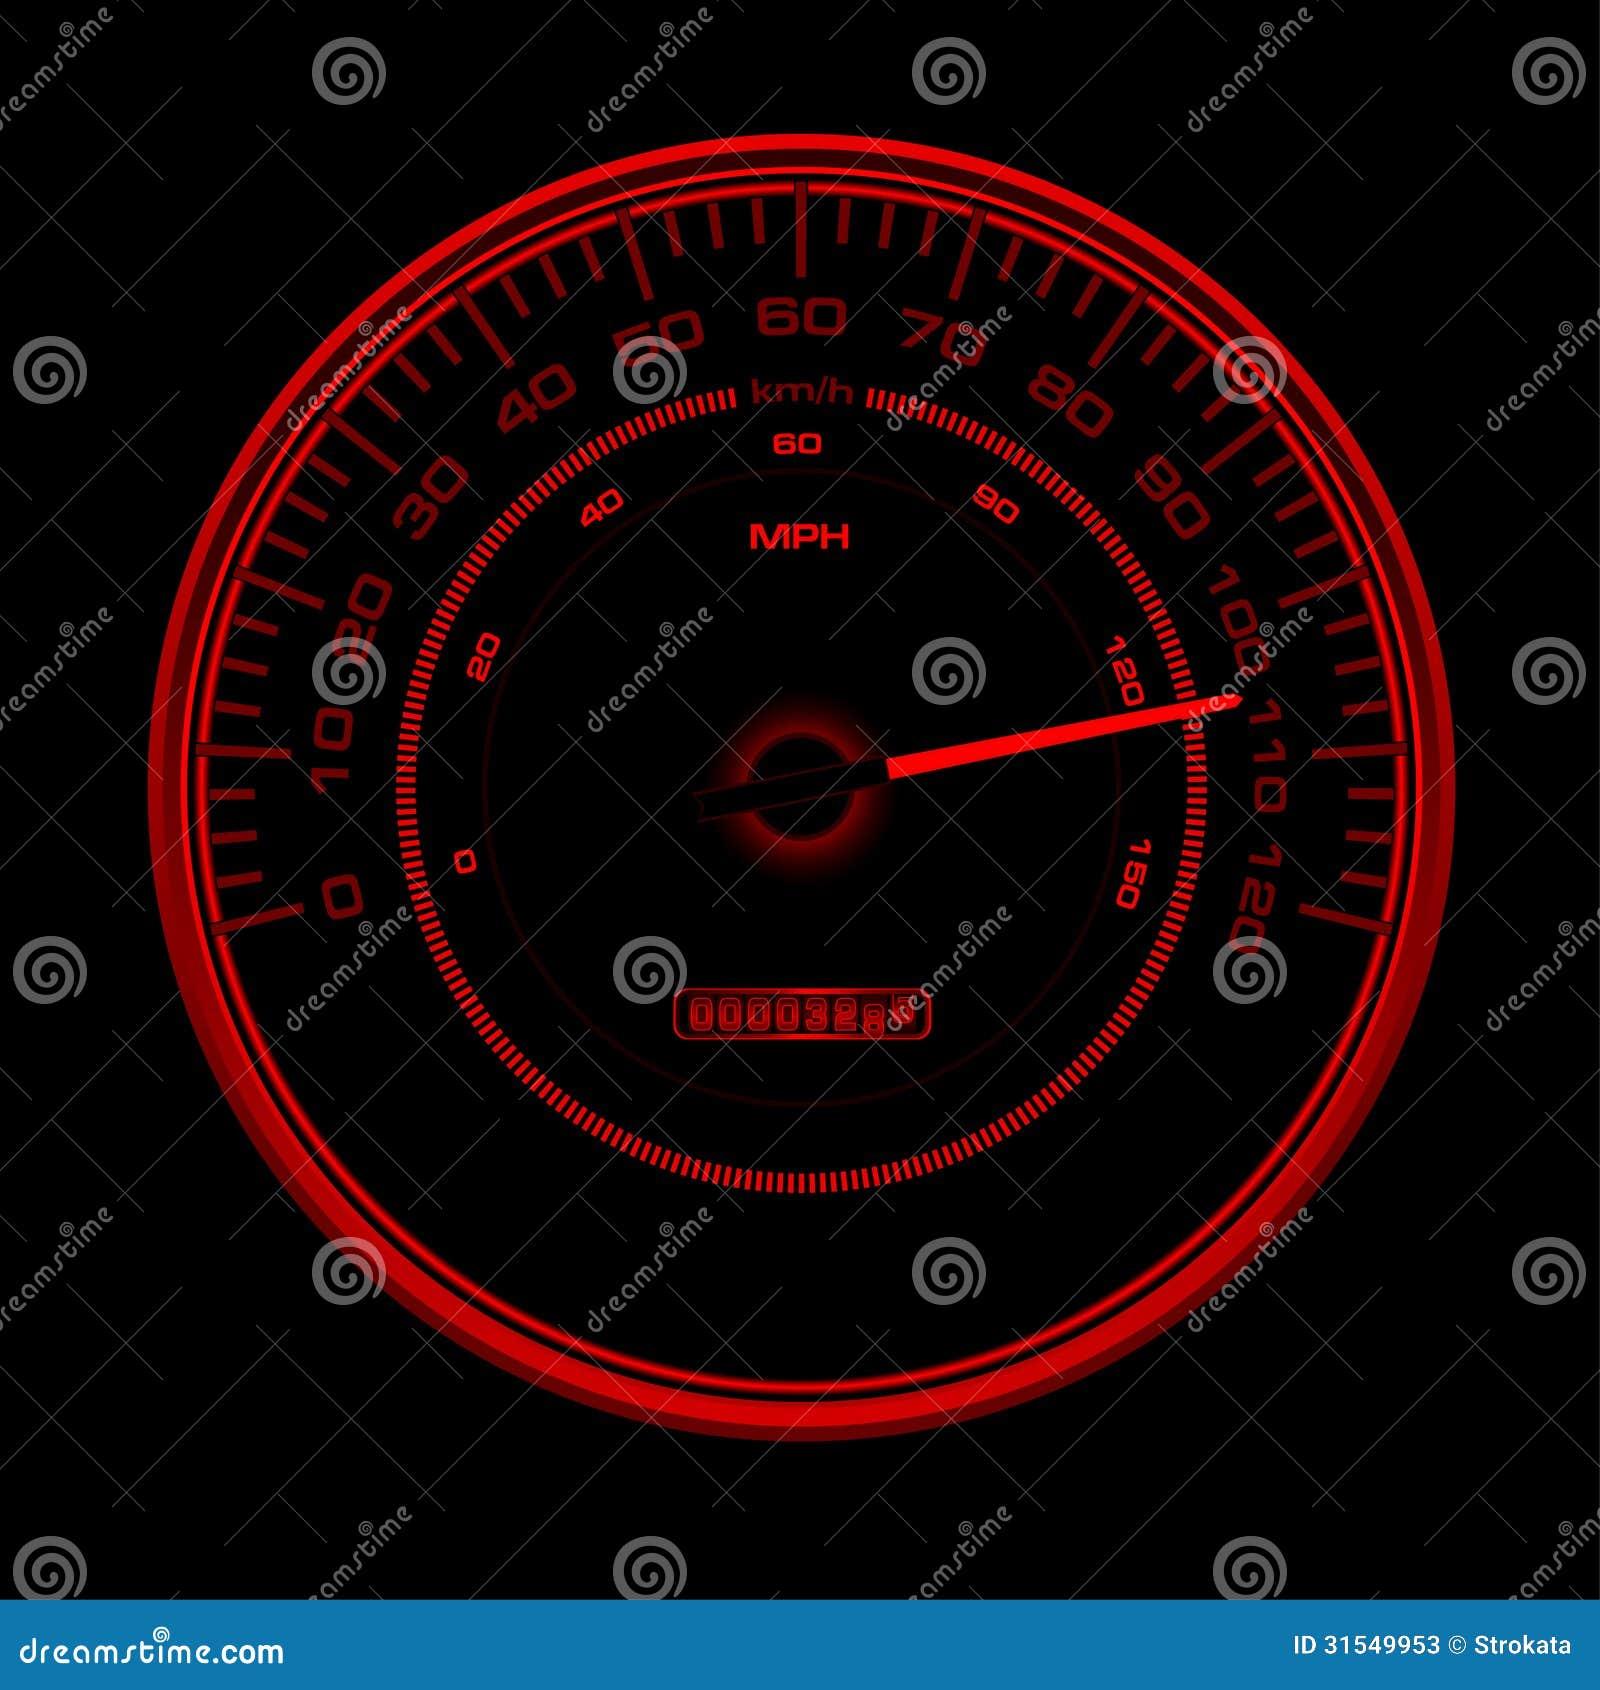 Design Of Red Speedometer Speedo Clock With Inde Stock